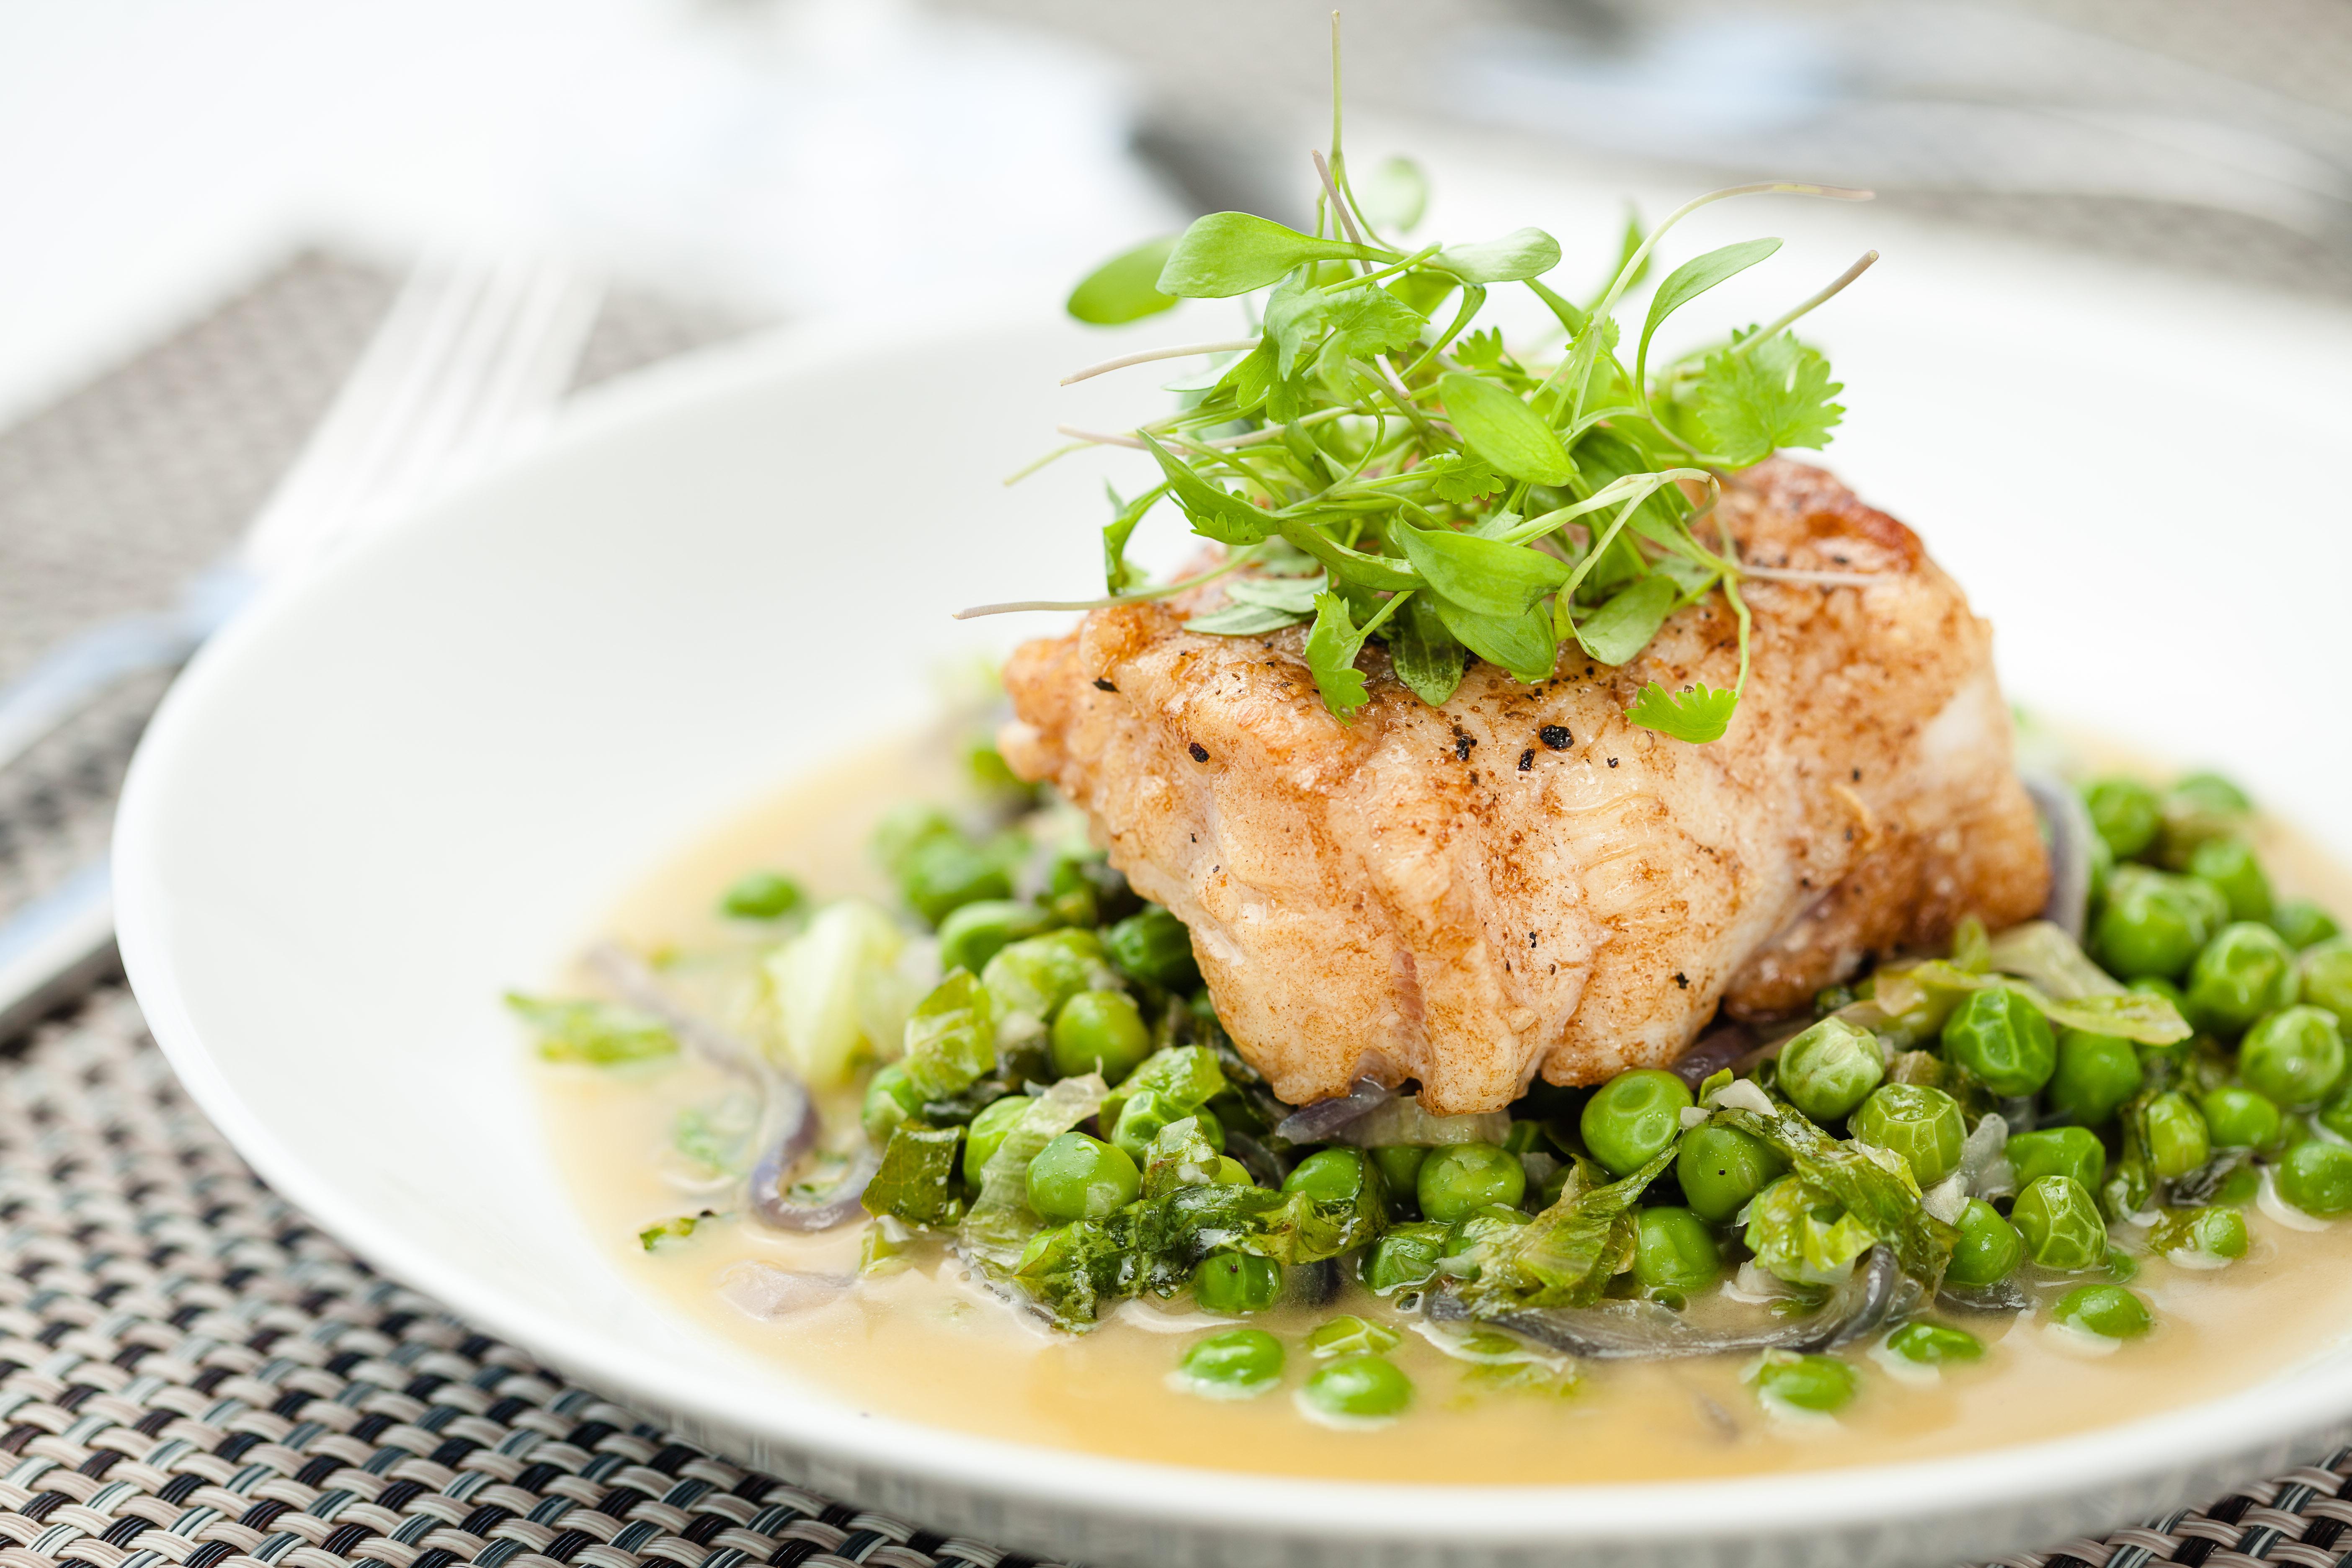 pescada com ervilha